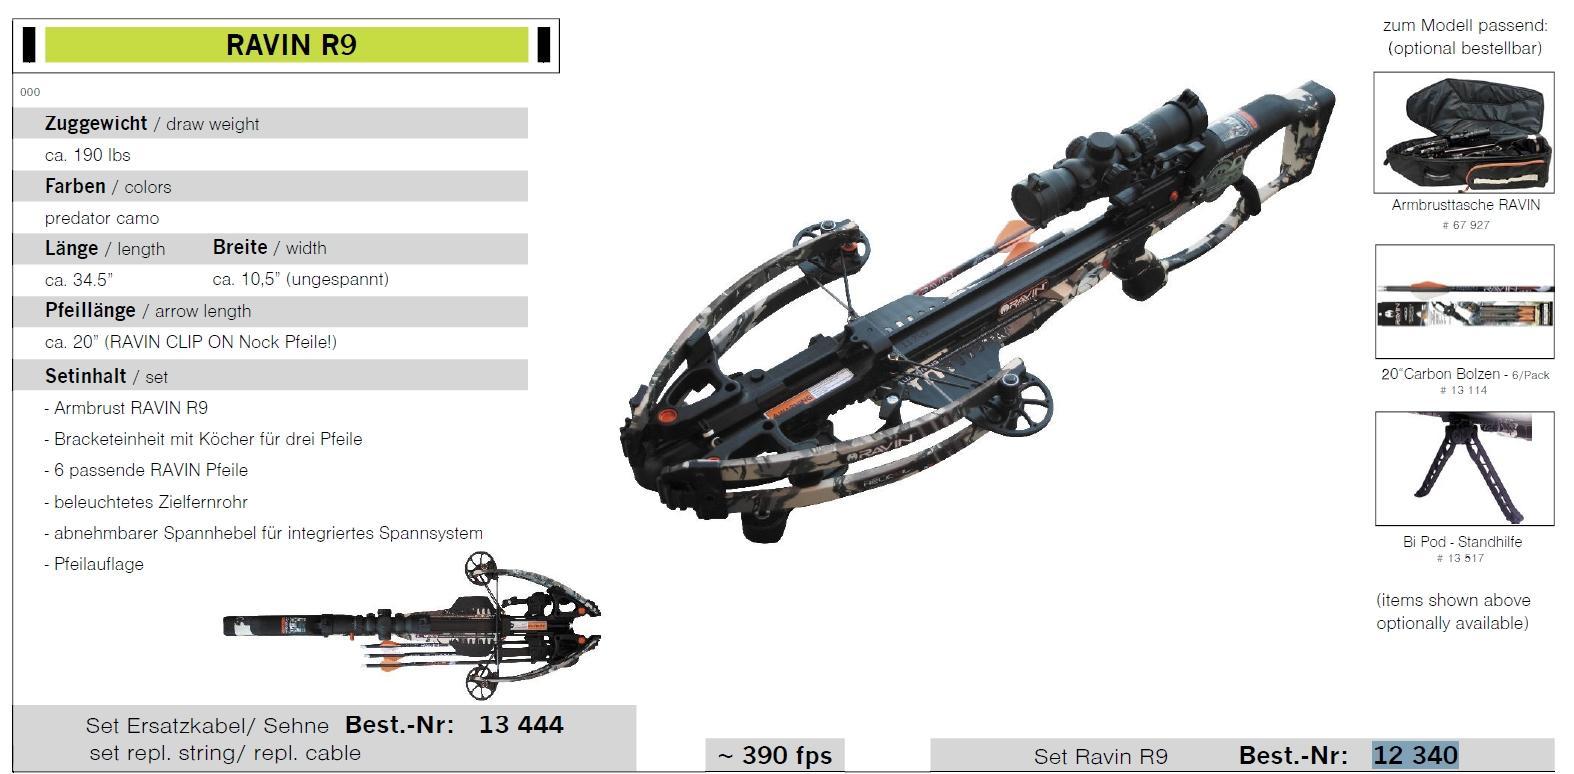 RAVIN R9 Predator Zuggewicht 190 lbs Armbrustgewehr Set